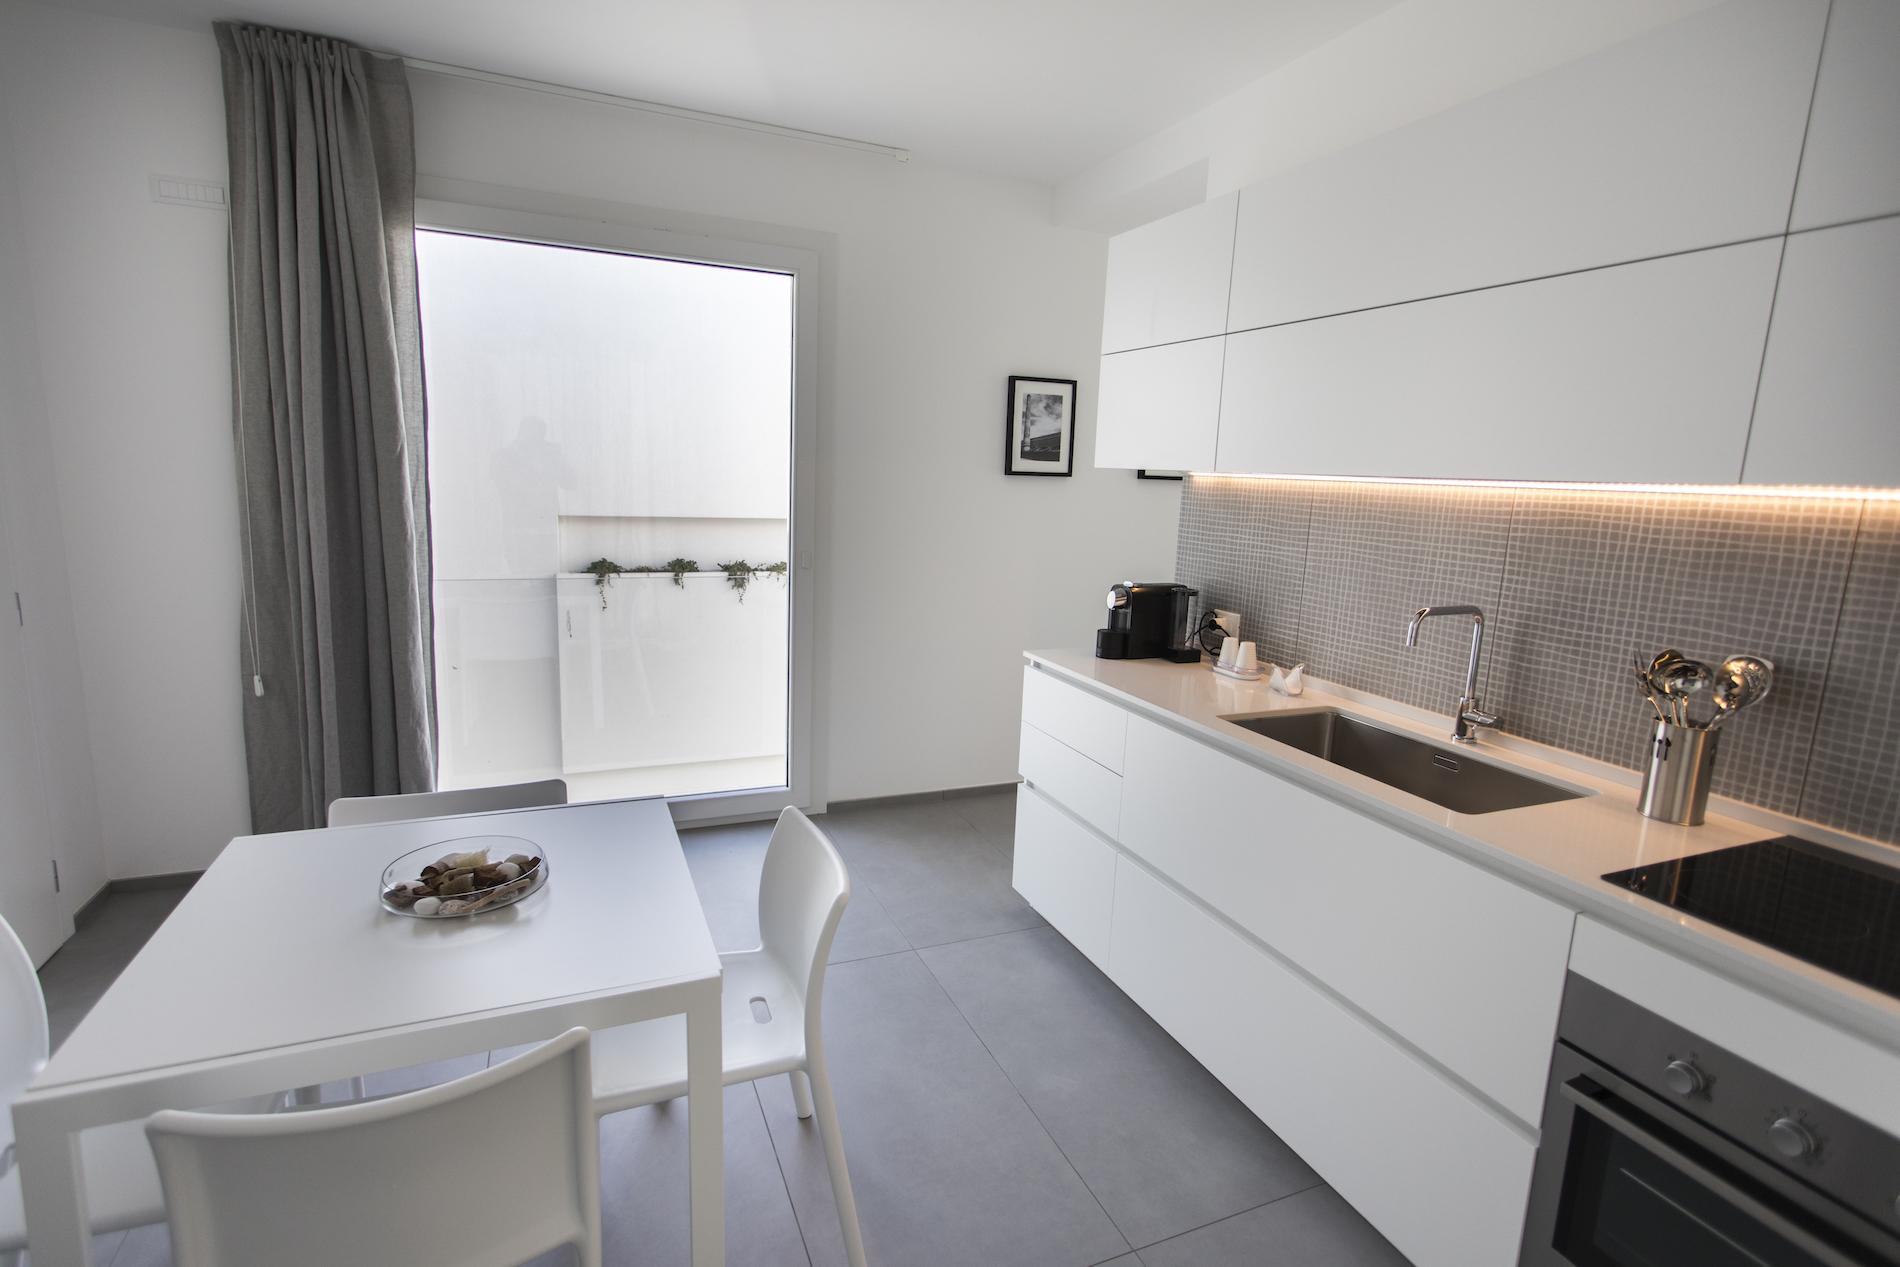 Appartamento bilocale con balcone e vista mare a favignana for Appartamenti favignana